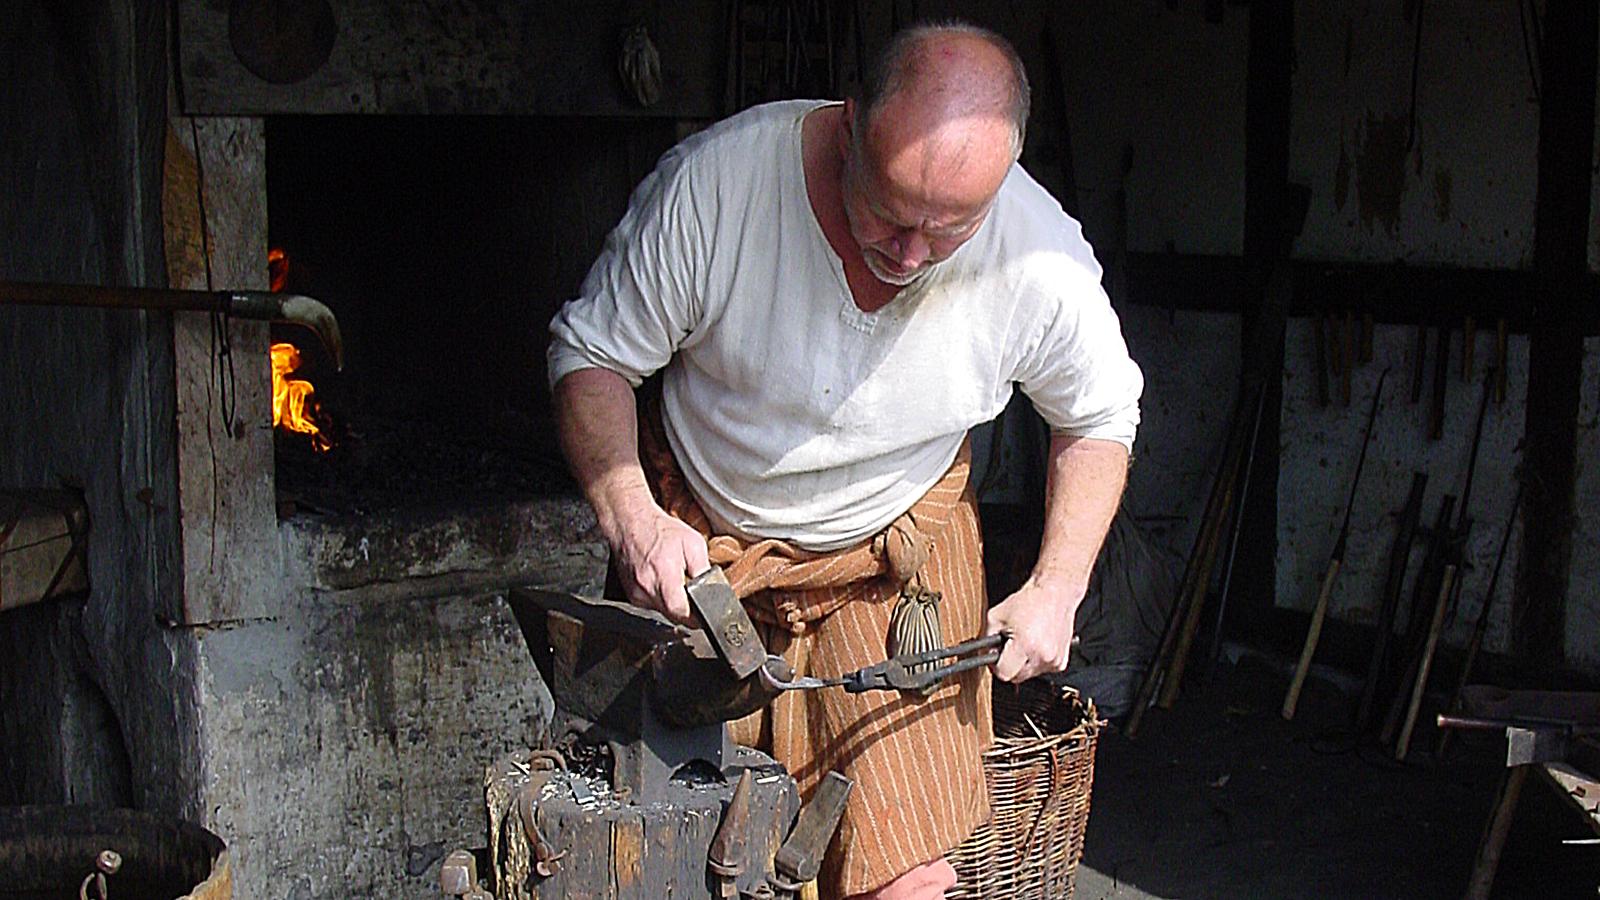 Mittelalter-Zentrum: Poul, der Schmied, schmiedet ein neues Werkzeug. Foto: Hilke Maunder